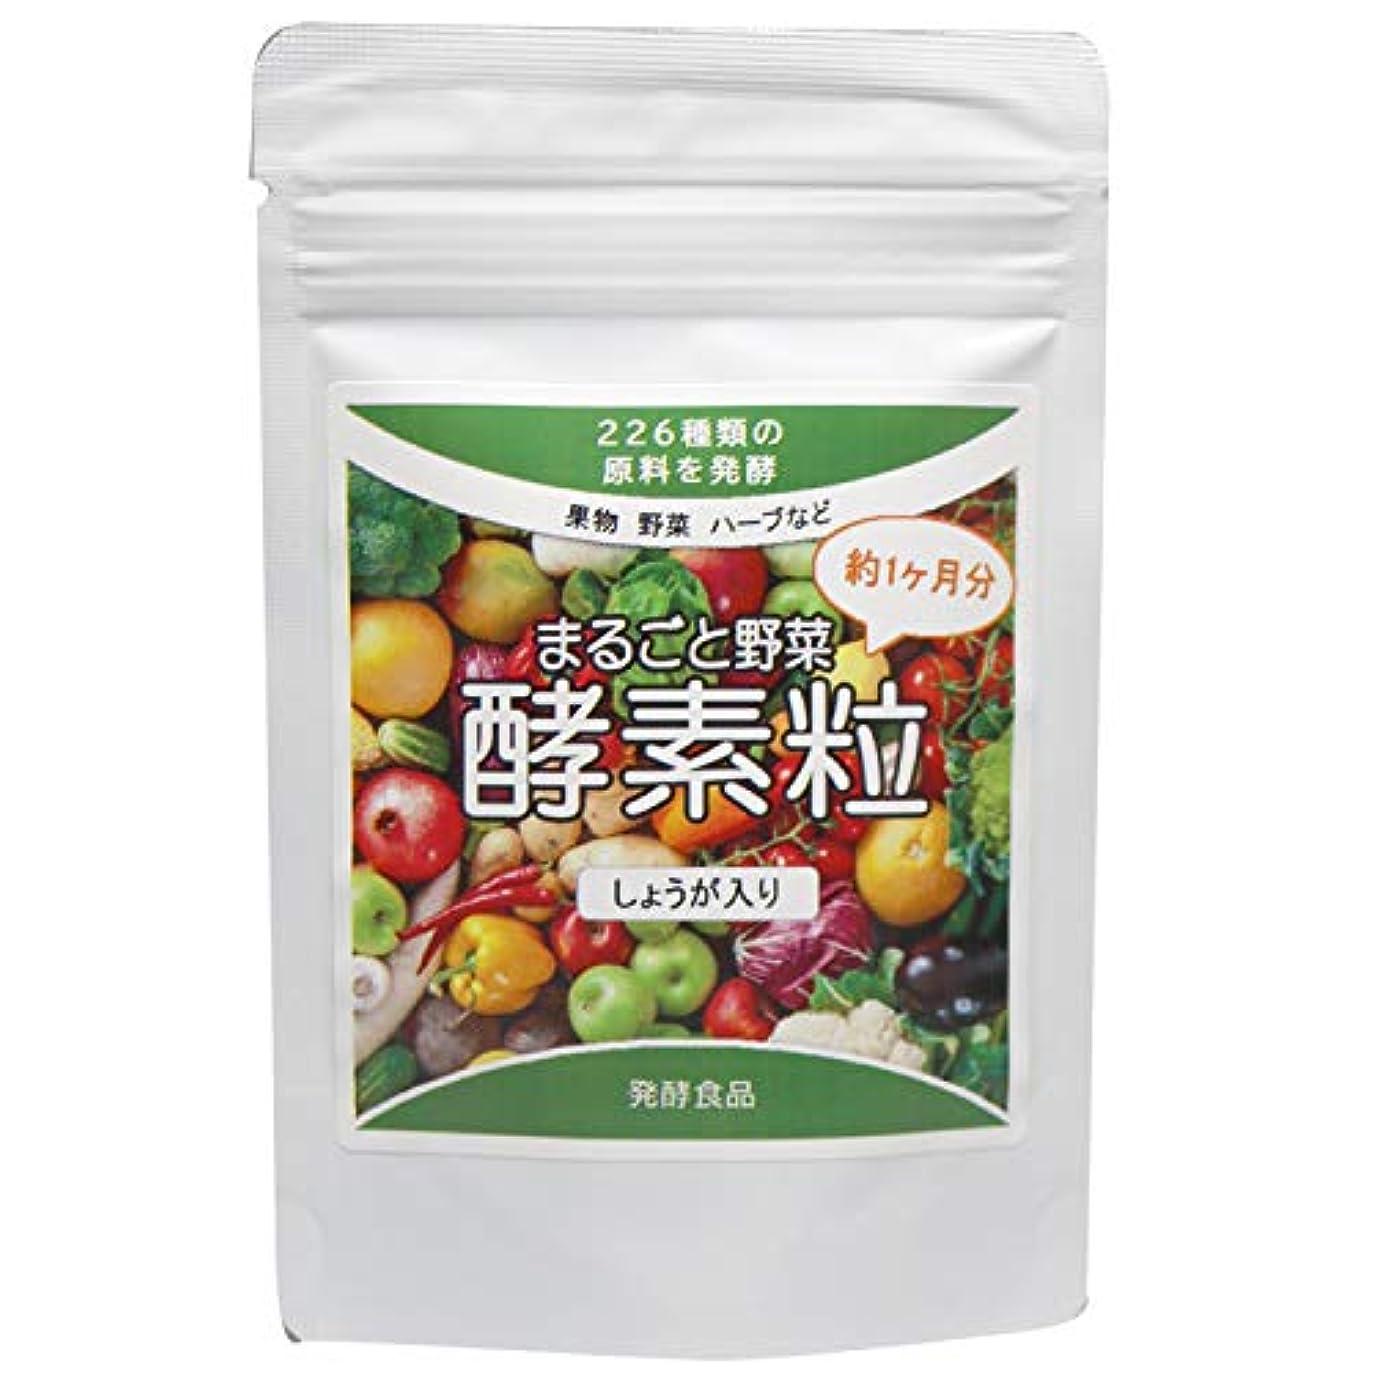 ルーチン誕生日乱雑なまるごと野菜酵素粒 226種類の野菜発酵(しょうが入り) 約4ヶ月分 (440mg×120粒)